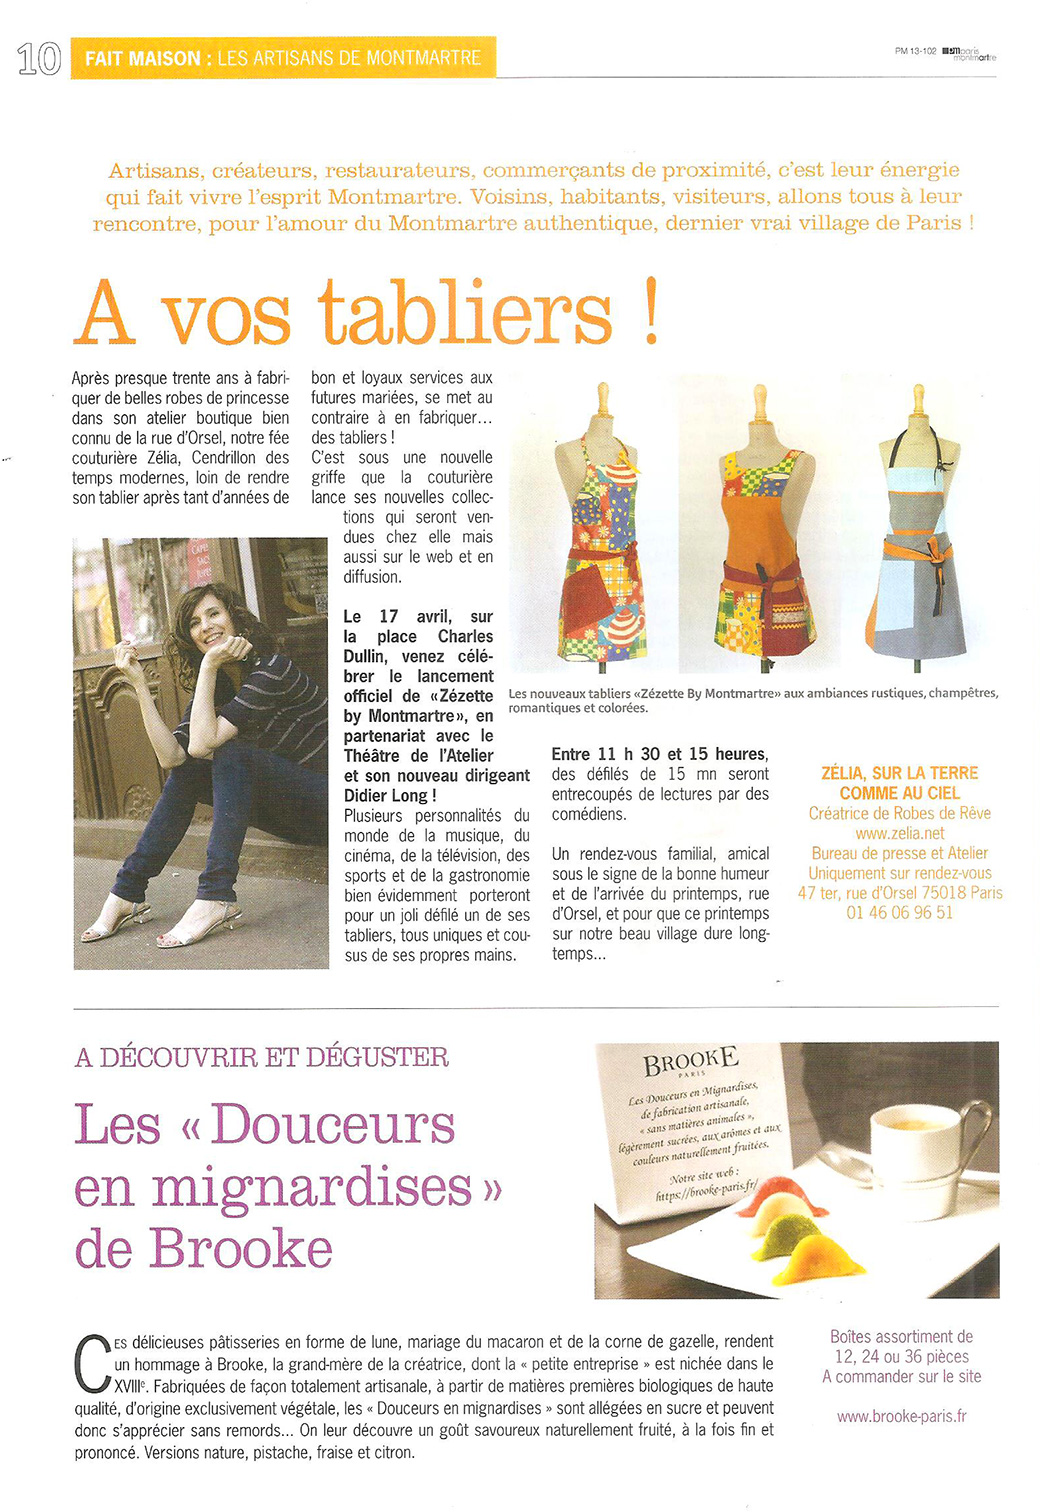 zezette_by_montmartre_blog_article_02